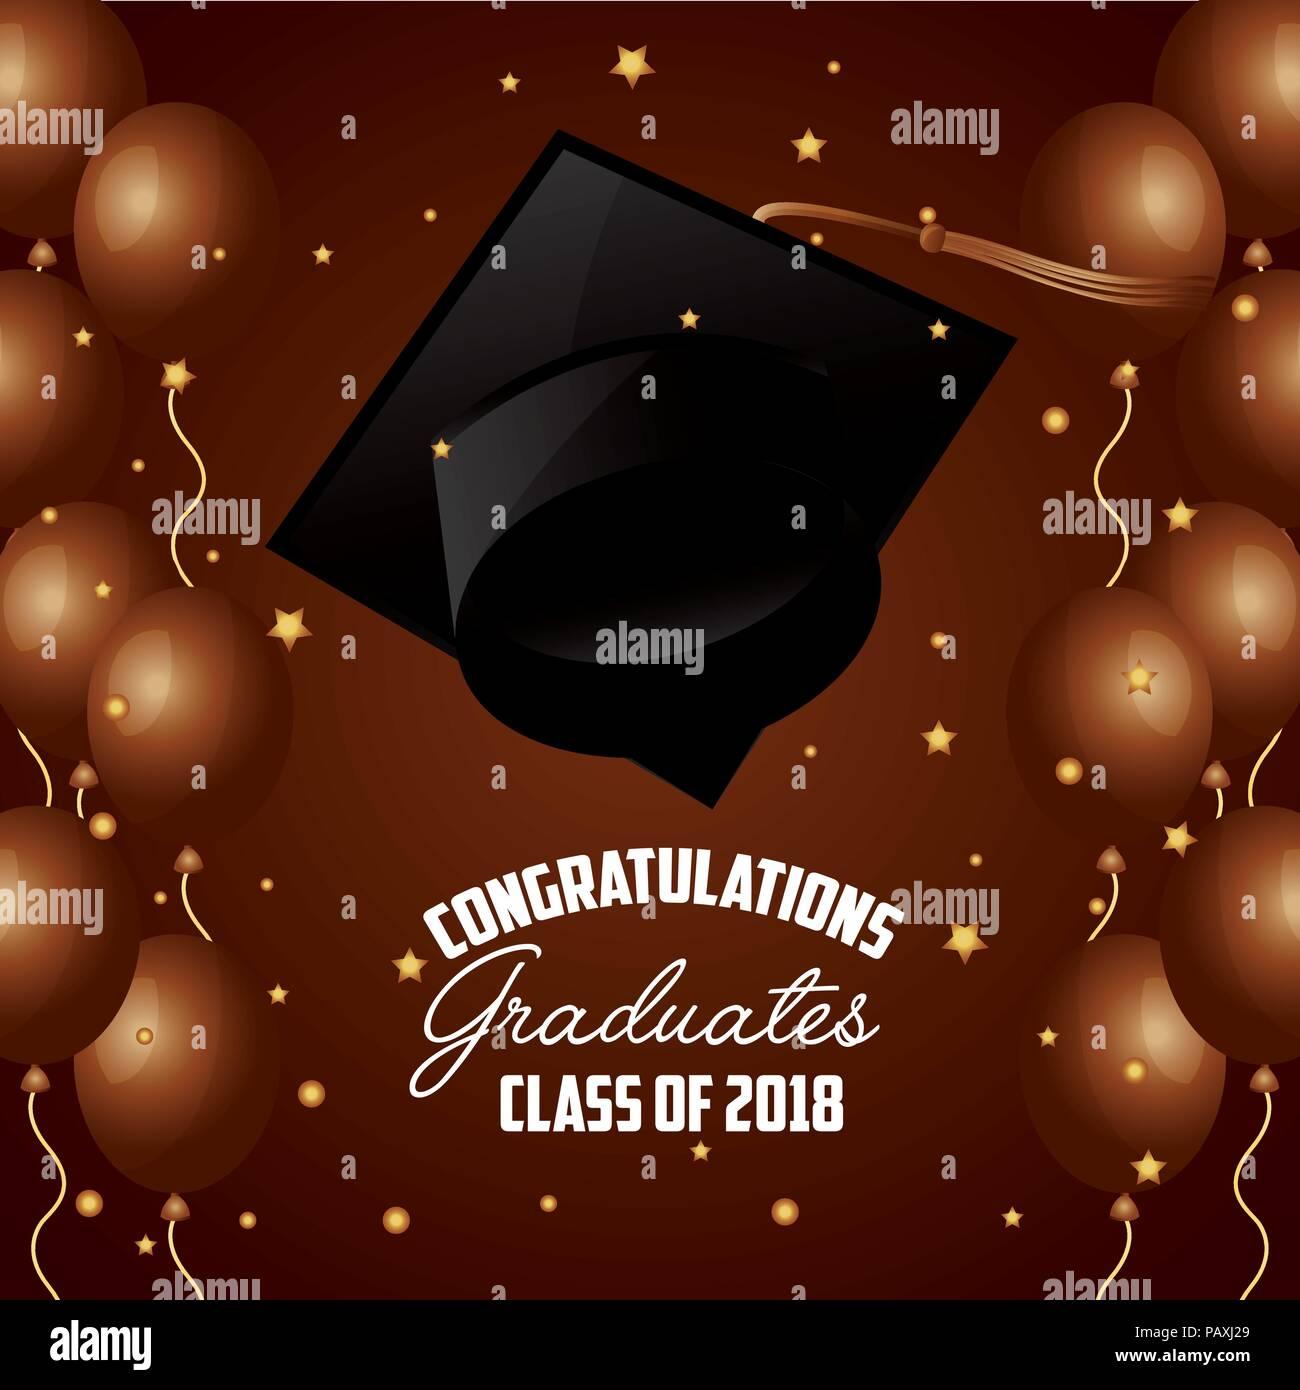 congratulations graduates class of 2018 hat bright balloons